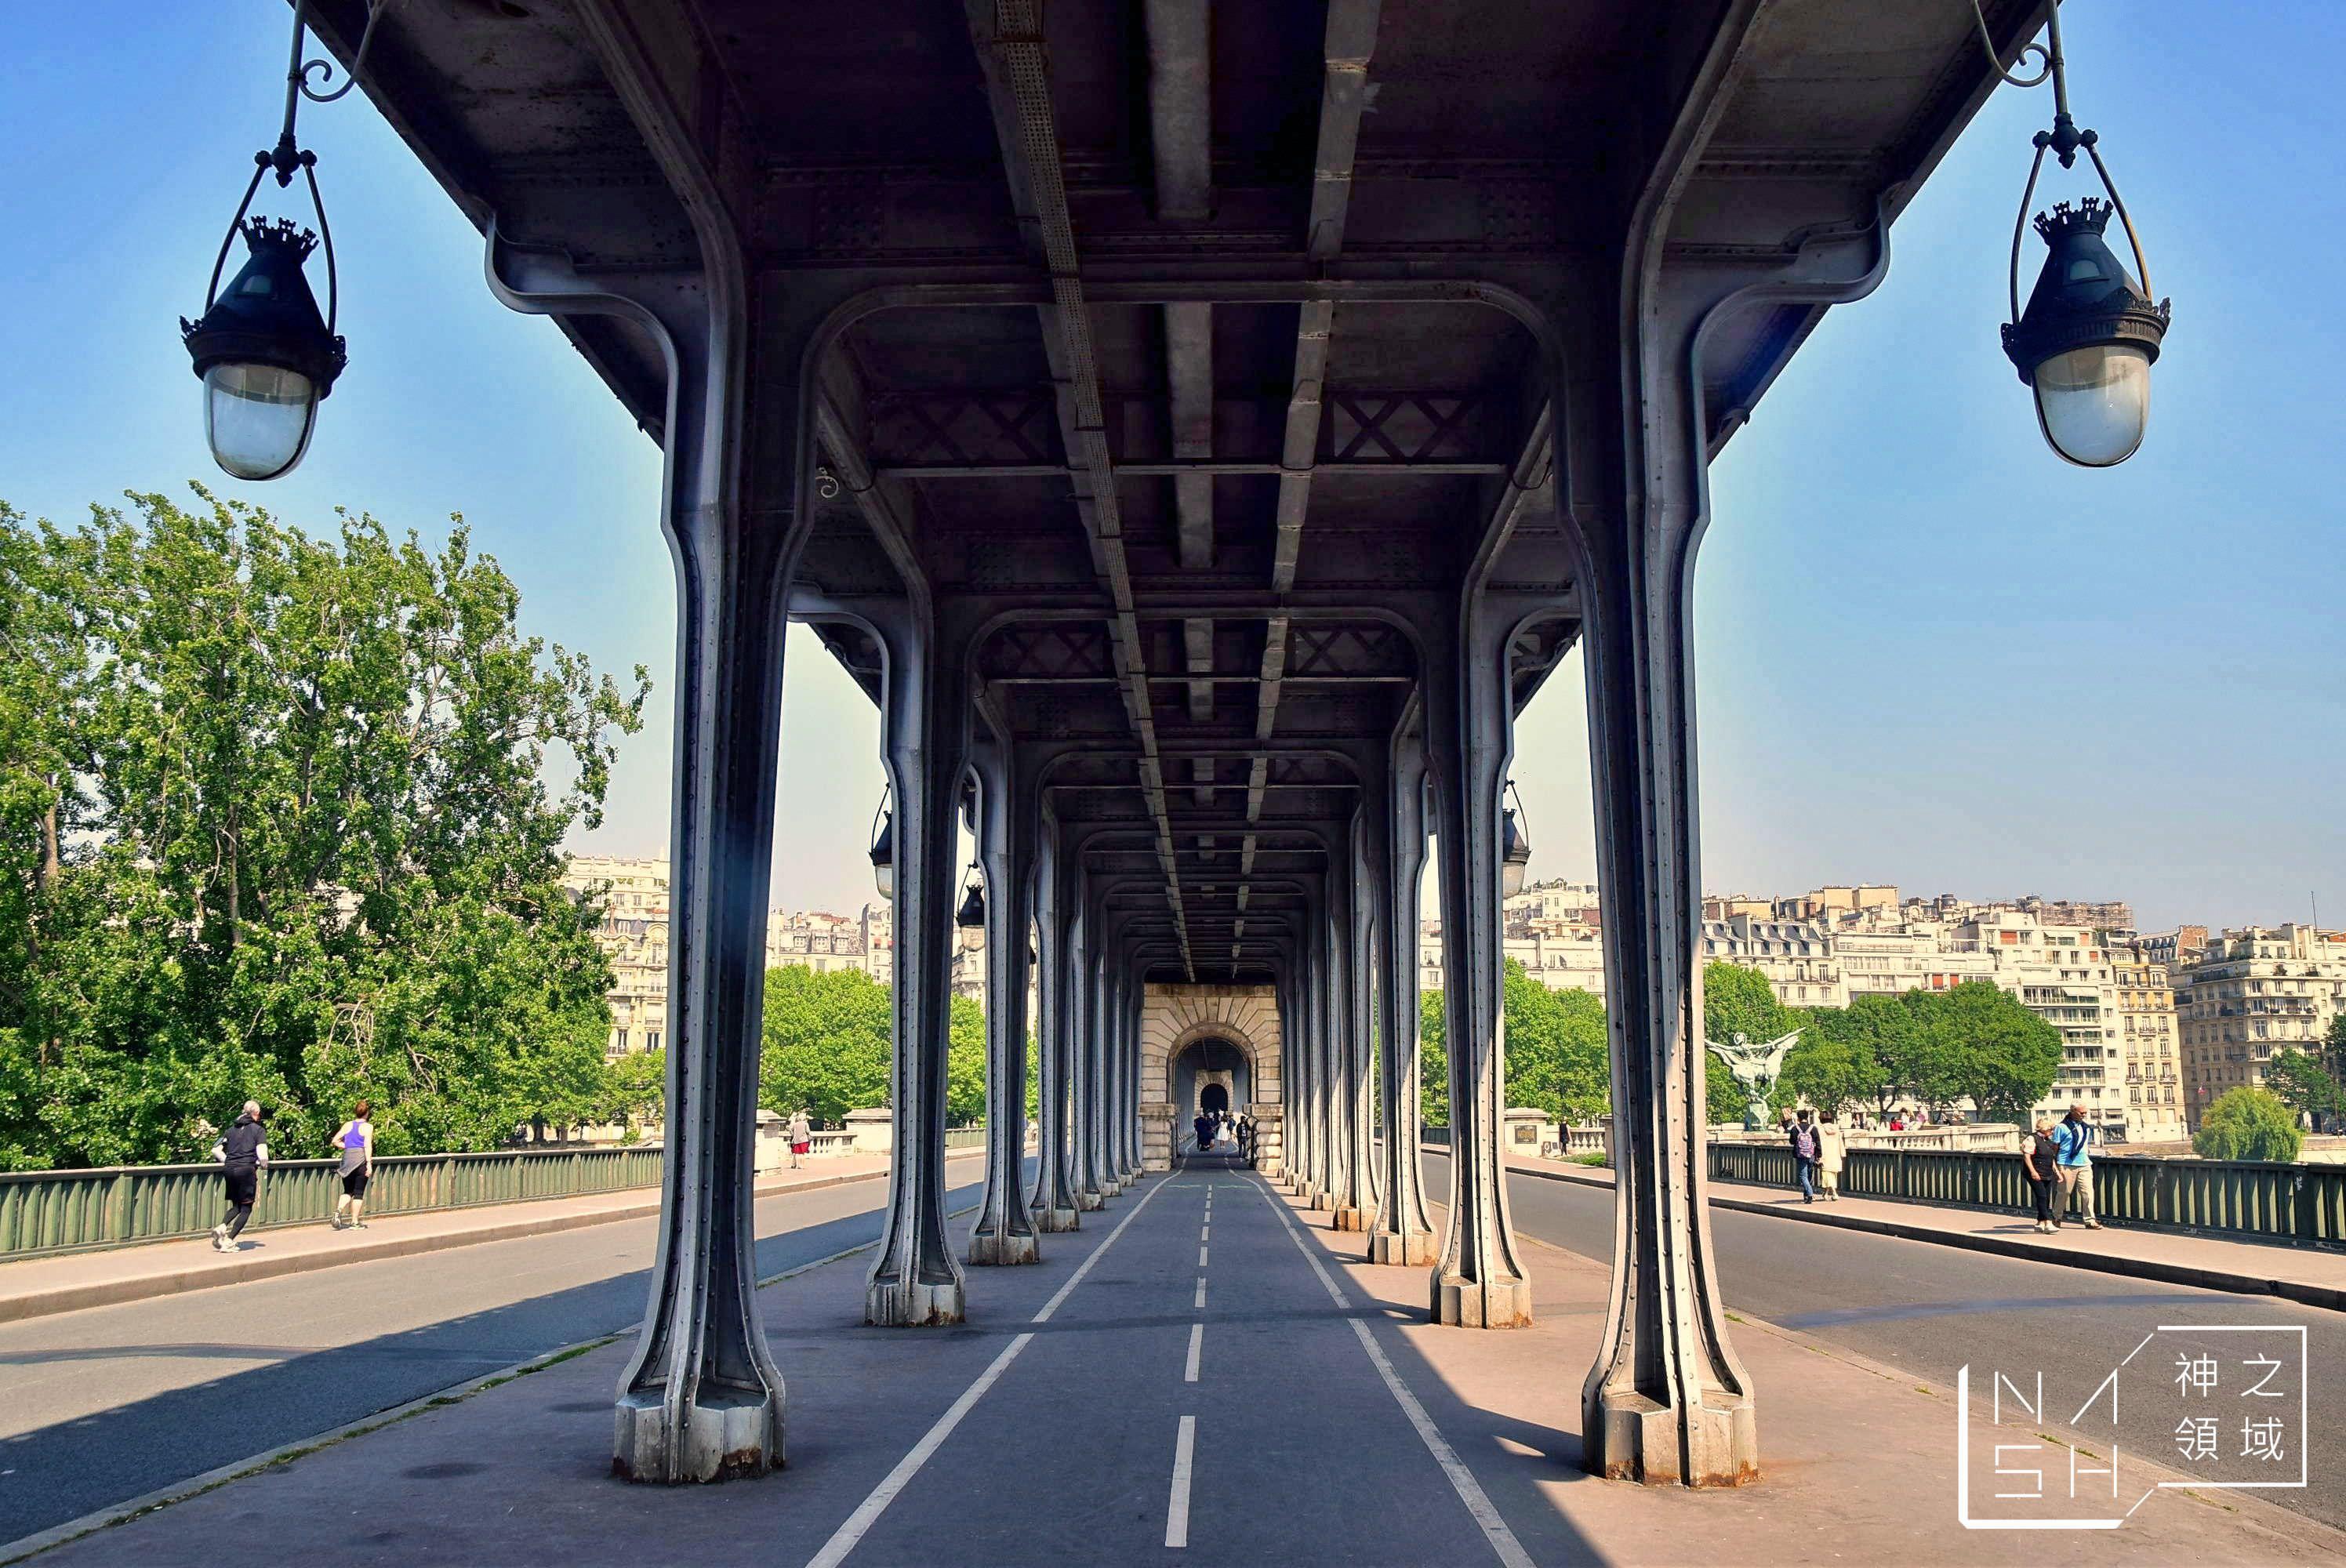 全面啟動,比爾阿克姆橋,Pont de Bir Hakeim,巴黎景點推薦 @Nash,神之領域